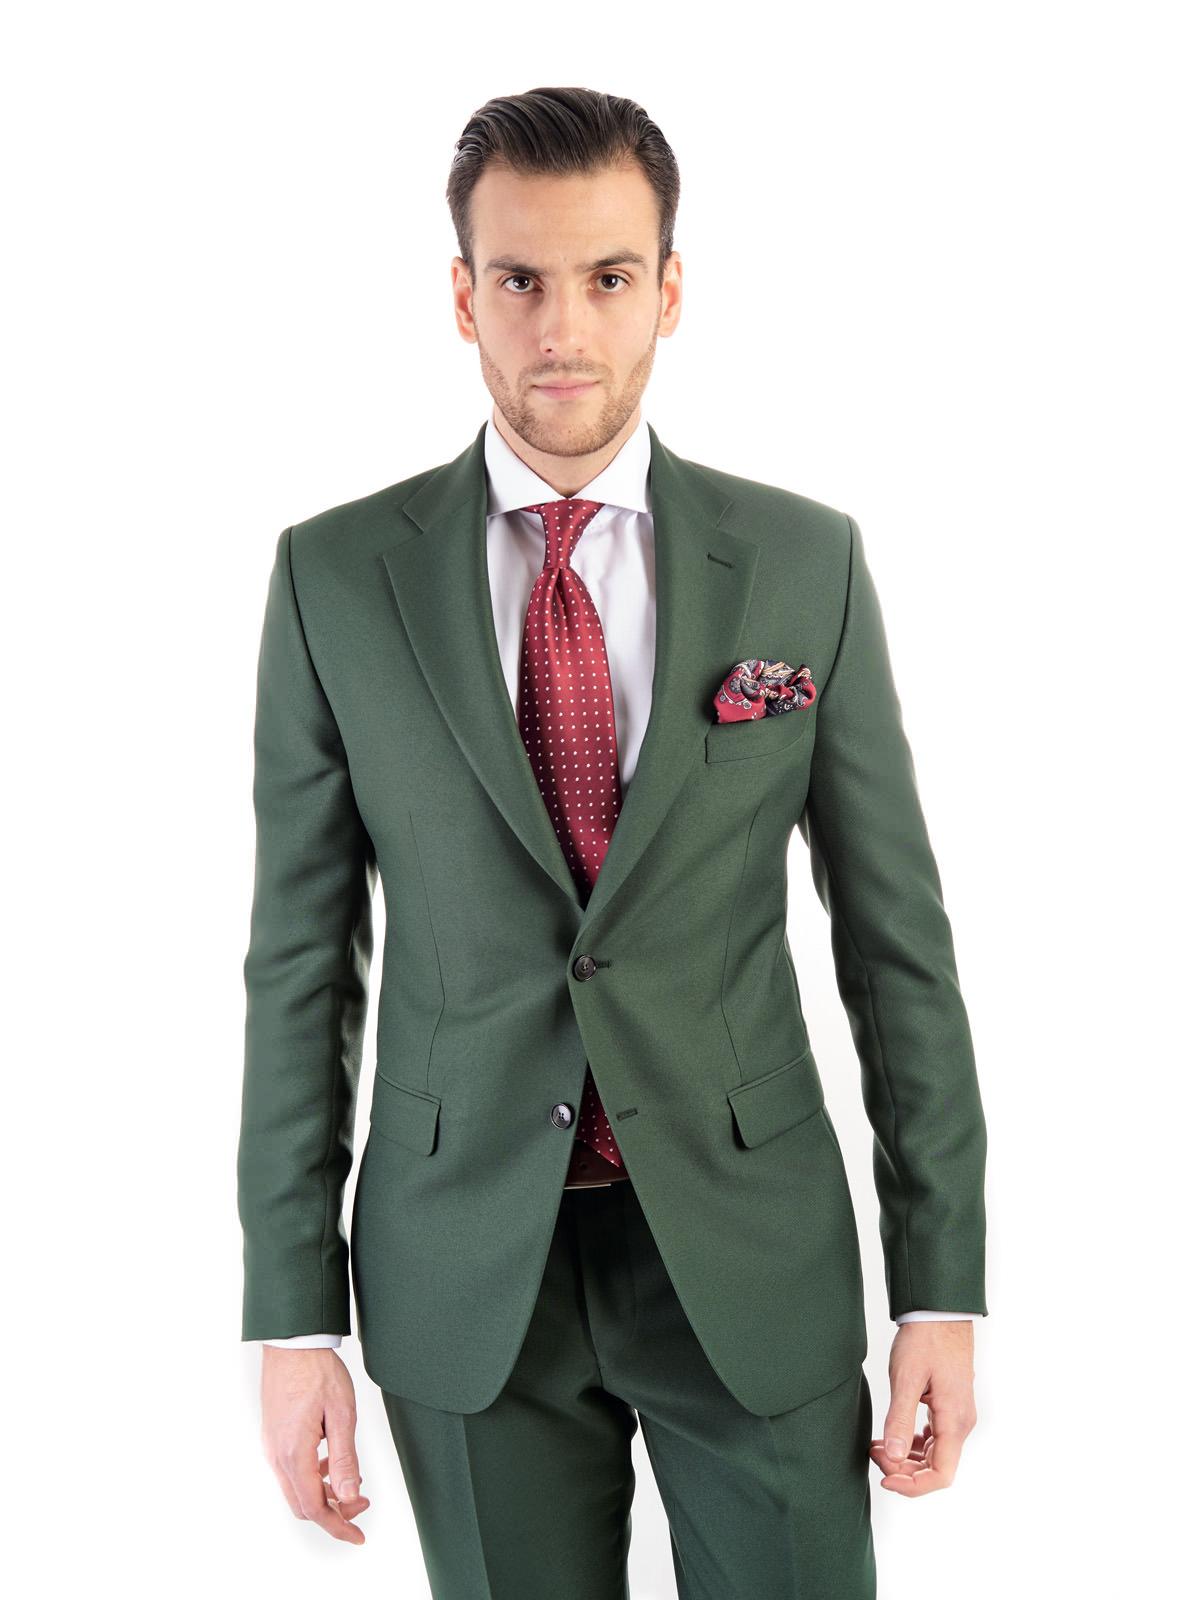 7d3862d5892b9 Zielony garnitur męski szyty na miarę | SUITSQUARE.PL